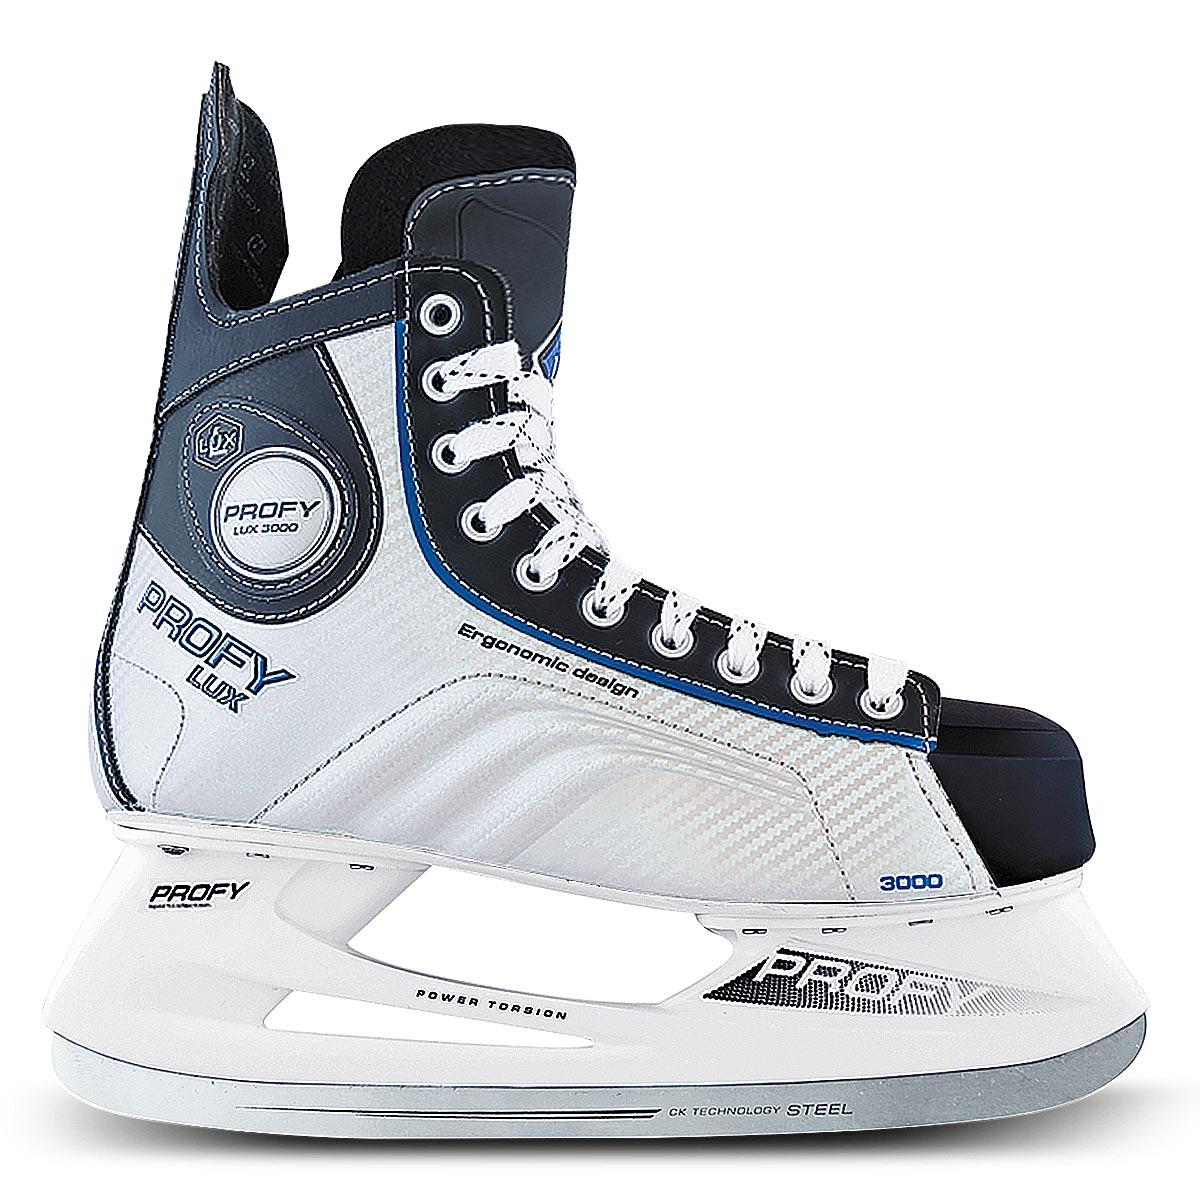 Коньки хоккейные мужские СК Profy Lux 3000, цвет: черный, серебряный, синий. Размер 44PROFY LUX 3000 Blue_44Стильные мужские коньки от CK Profy Lux 3000 Blue прекрасно подойдут для начинающих игроков в хоккей. Ботинок выполнен из морозоустойчивой искусственной кожи и резистентного ПВХ. Мыс дополнен вставкой, которая защитит ноги от ударов. Внутренний слой и стелька изготовлены из мягкого трикотажа, который обеспечит тепло и комфорт во время катания, язычок - из войлока. Плотная шнуровка надежно фиксирует модель на ноге. Голеностоп имеет удобный суппорт. По бокам, на язычке и заднике коньки декорированы принтом и тиснением в виде логотипа бренда. Подошва - из твердого пластика. Стойка выполнена из ударопрочного поливинилхлорида. Лезвие из углеродистой нержавеющей стали обеспечит превосходное скольжение.